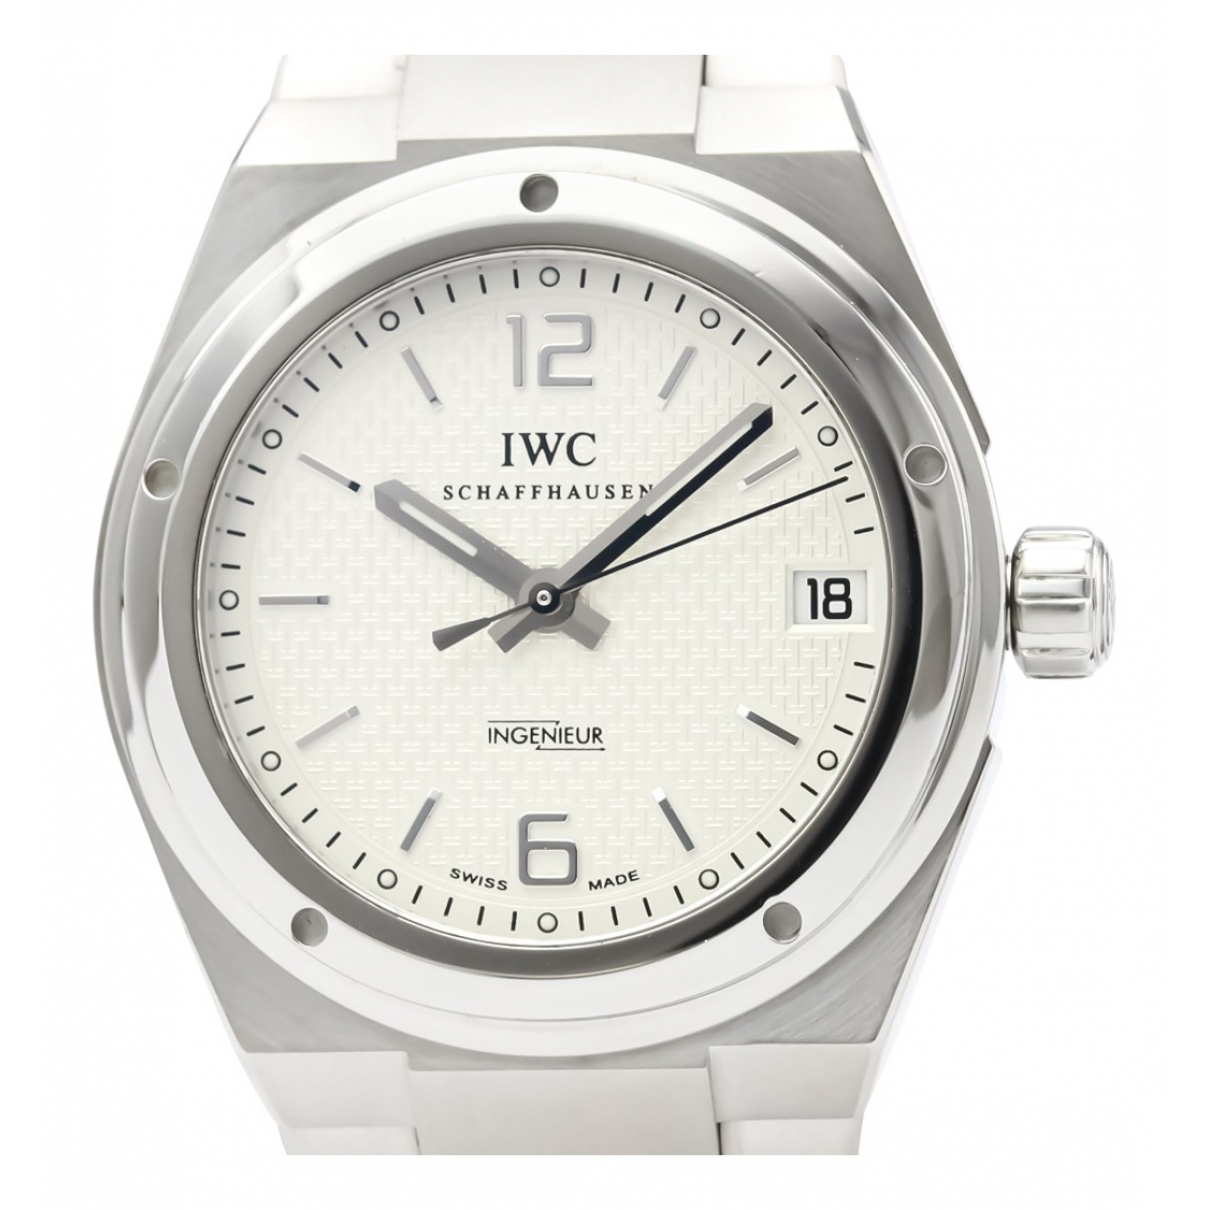 Iwc Ingenieur Uhr in  Silber Stahl